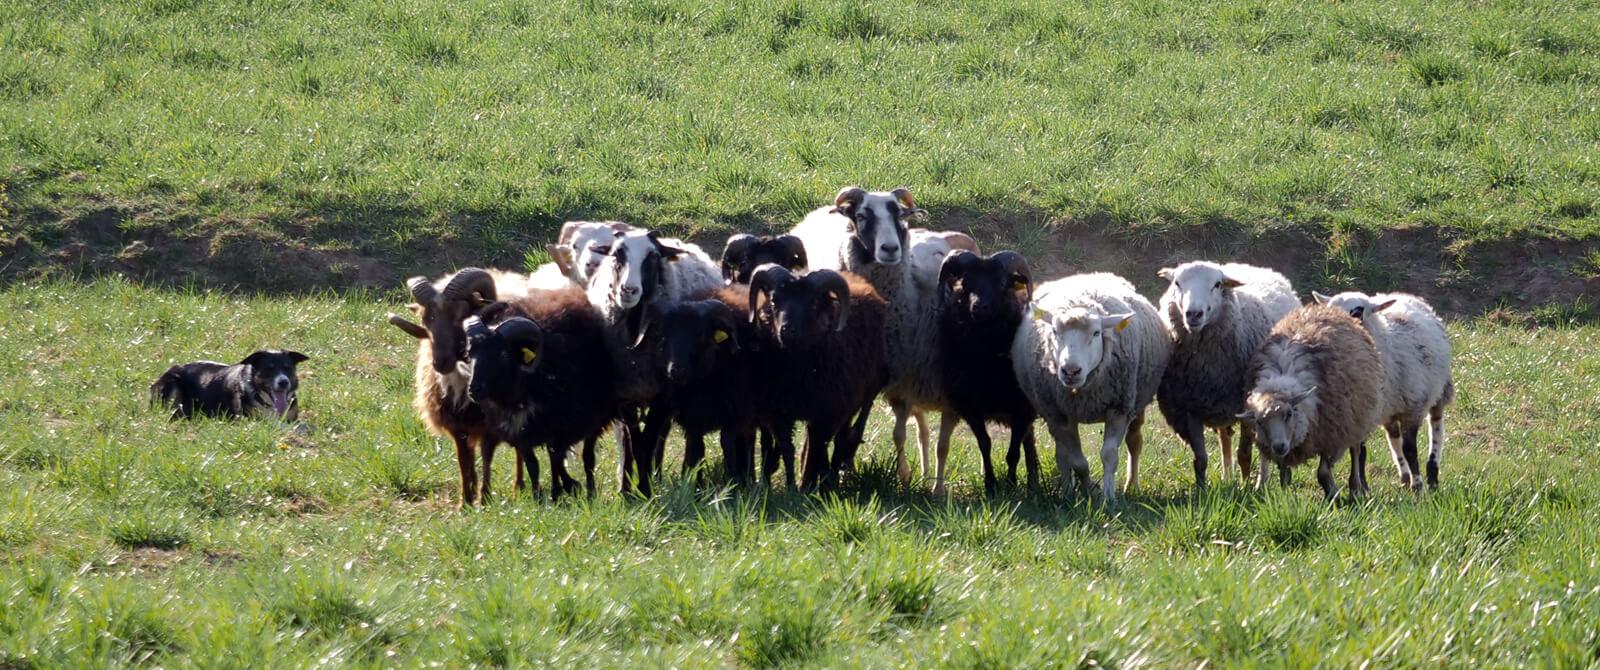 Aviganiai šunys išbandė instinktus su tikromis avimis